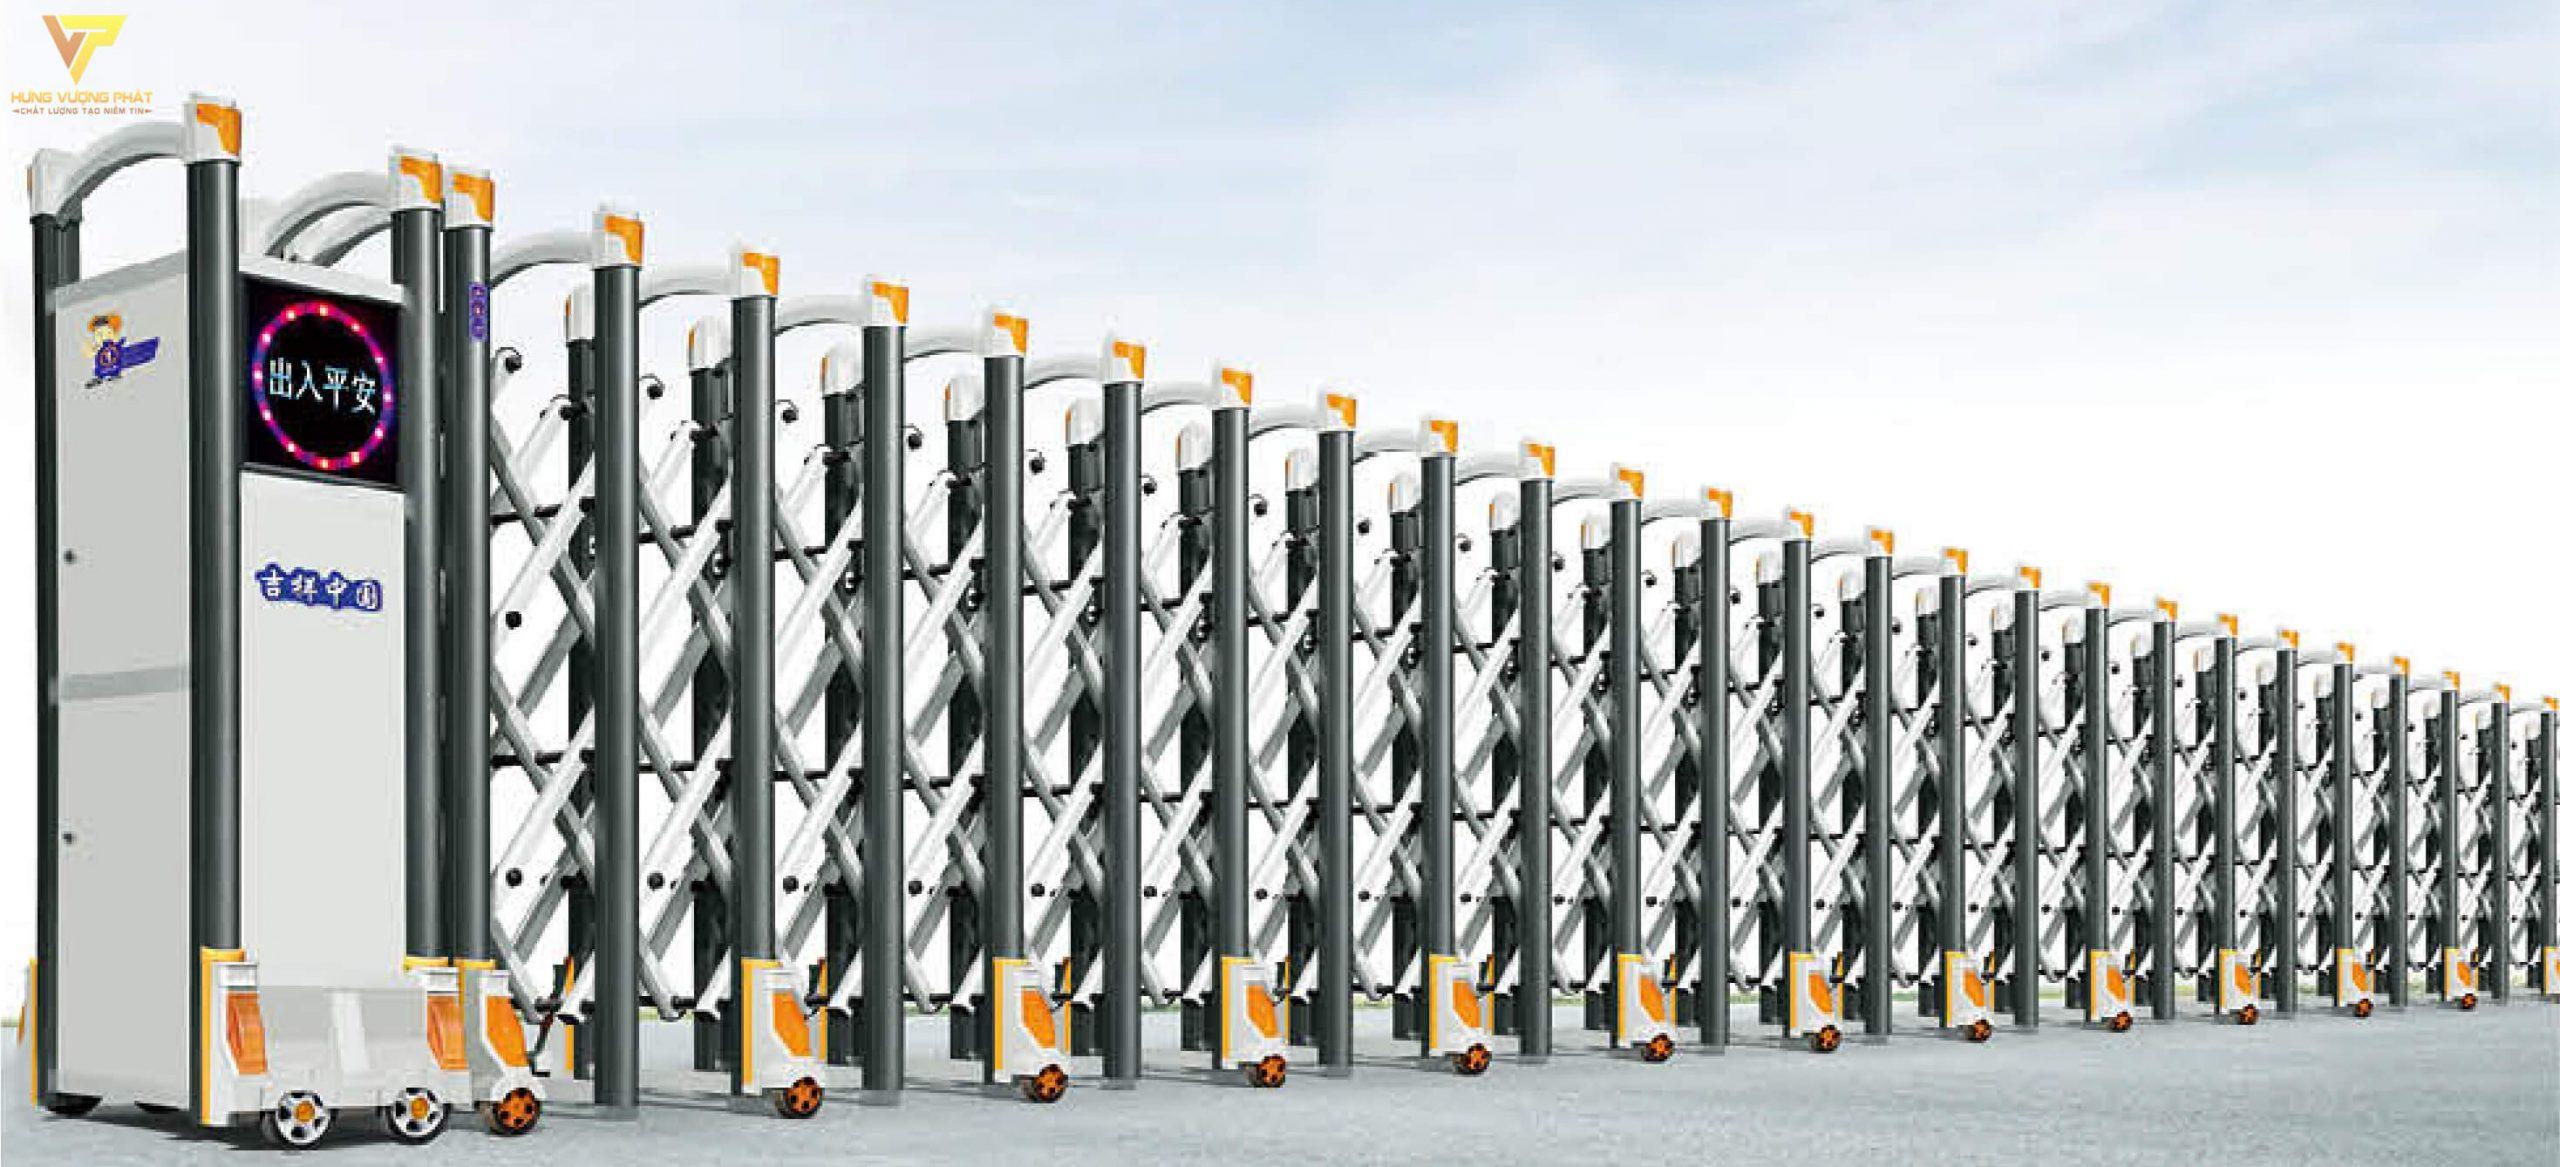 Cổng xếp hợp kim nhôm chạy điện tự động HN40